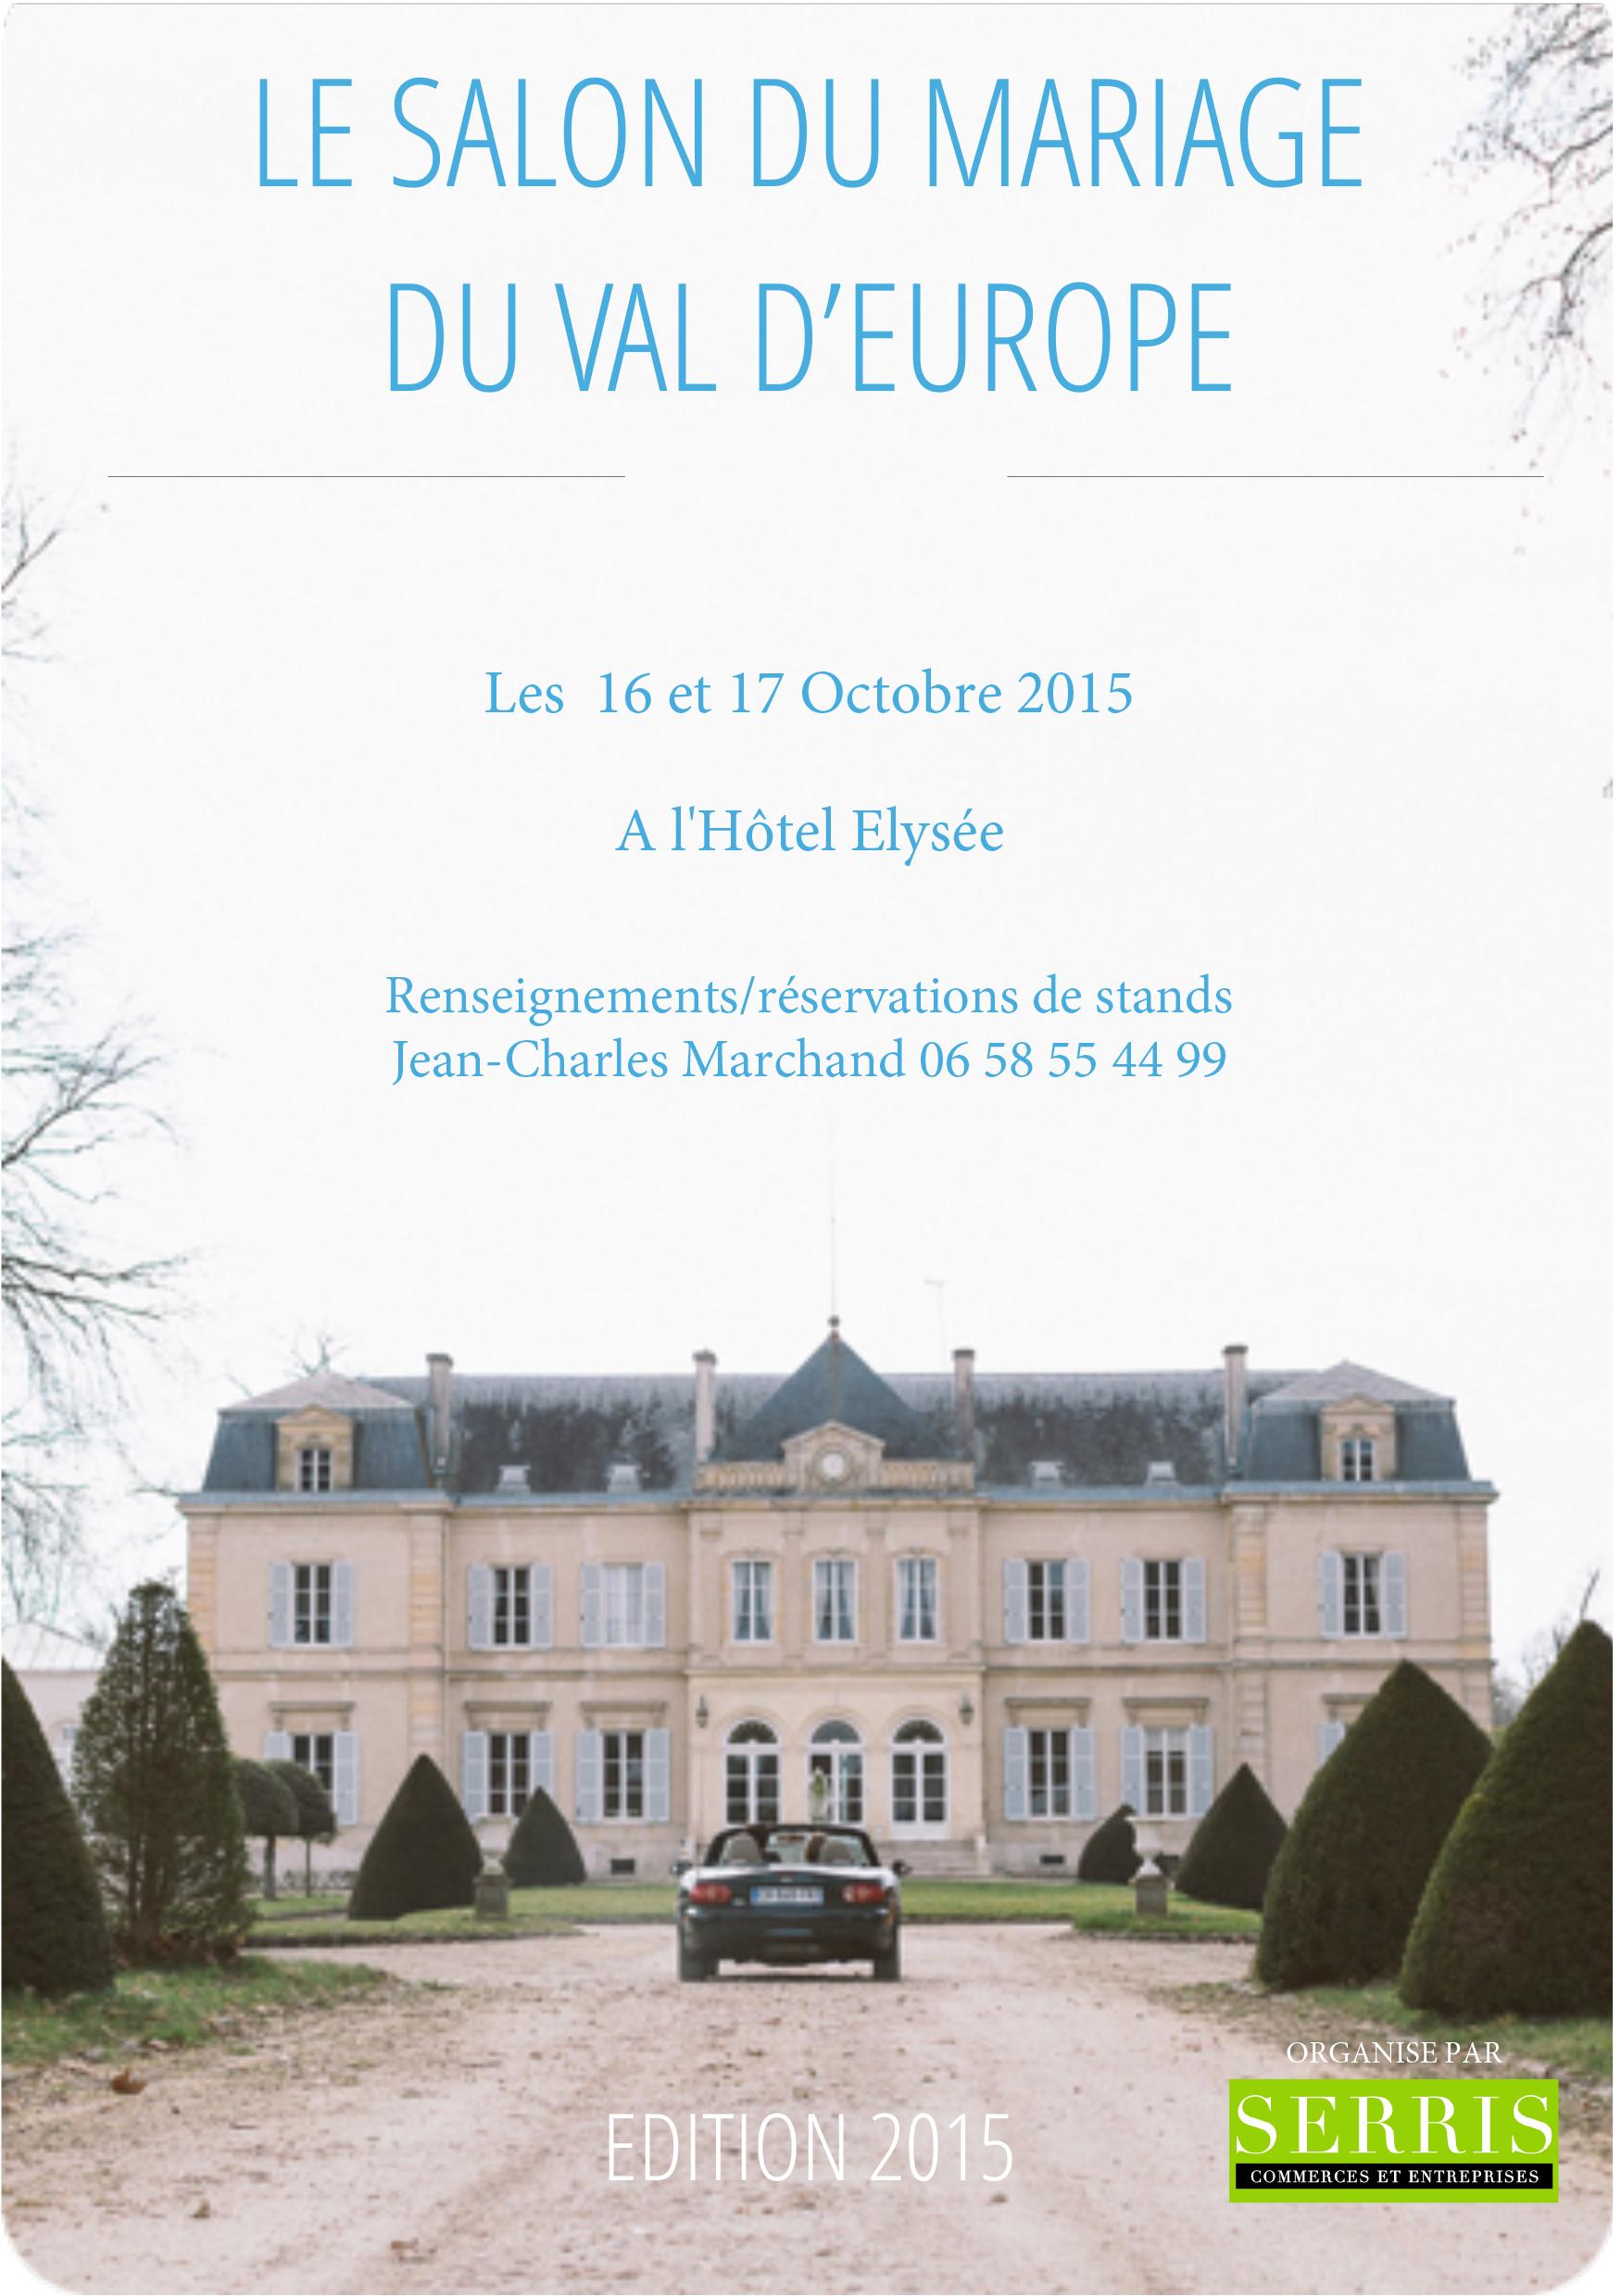 Salon du mariage à Serris, du 16 & 17 octobre 2015